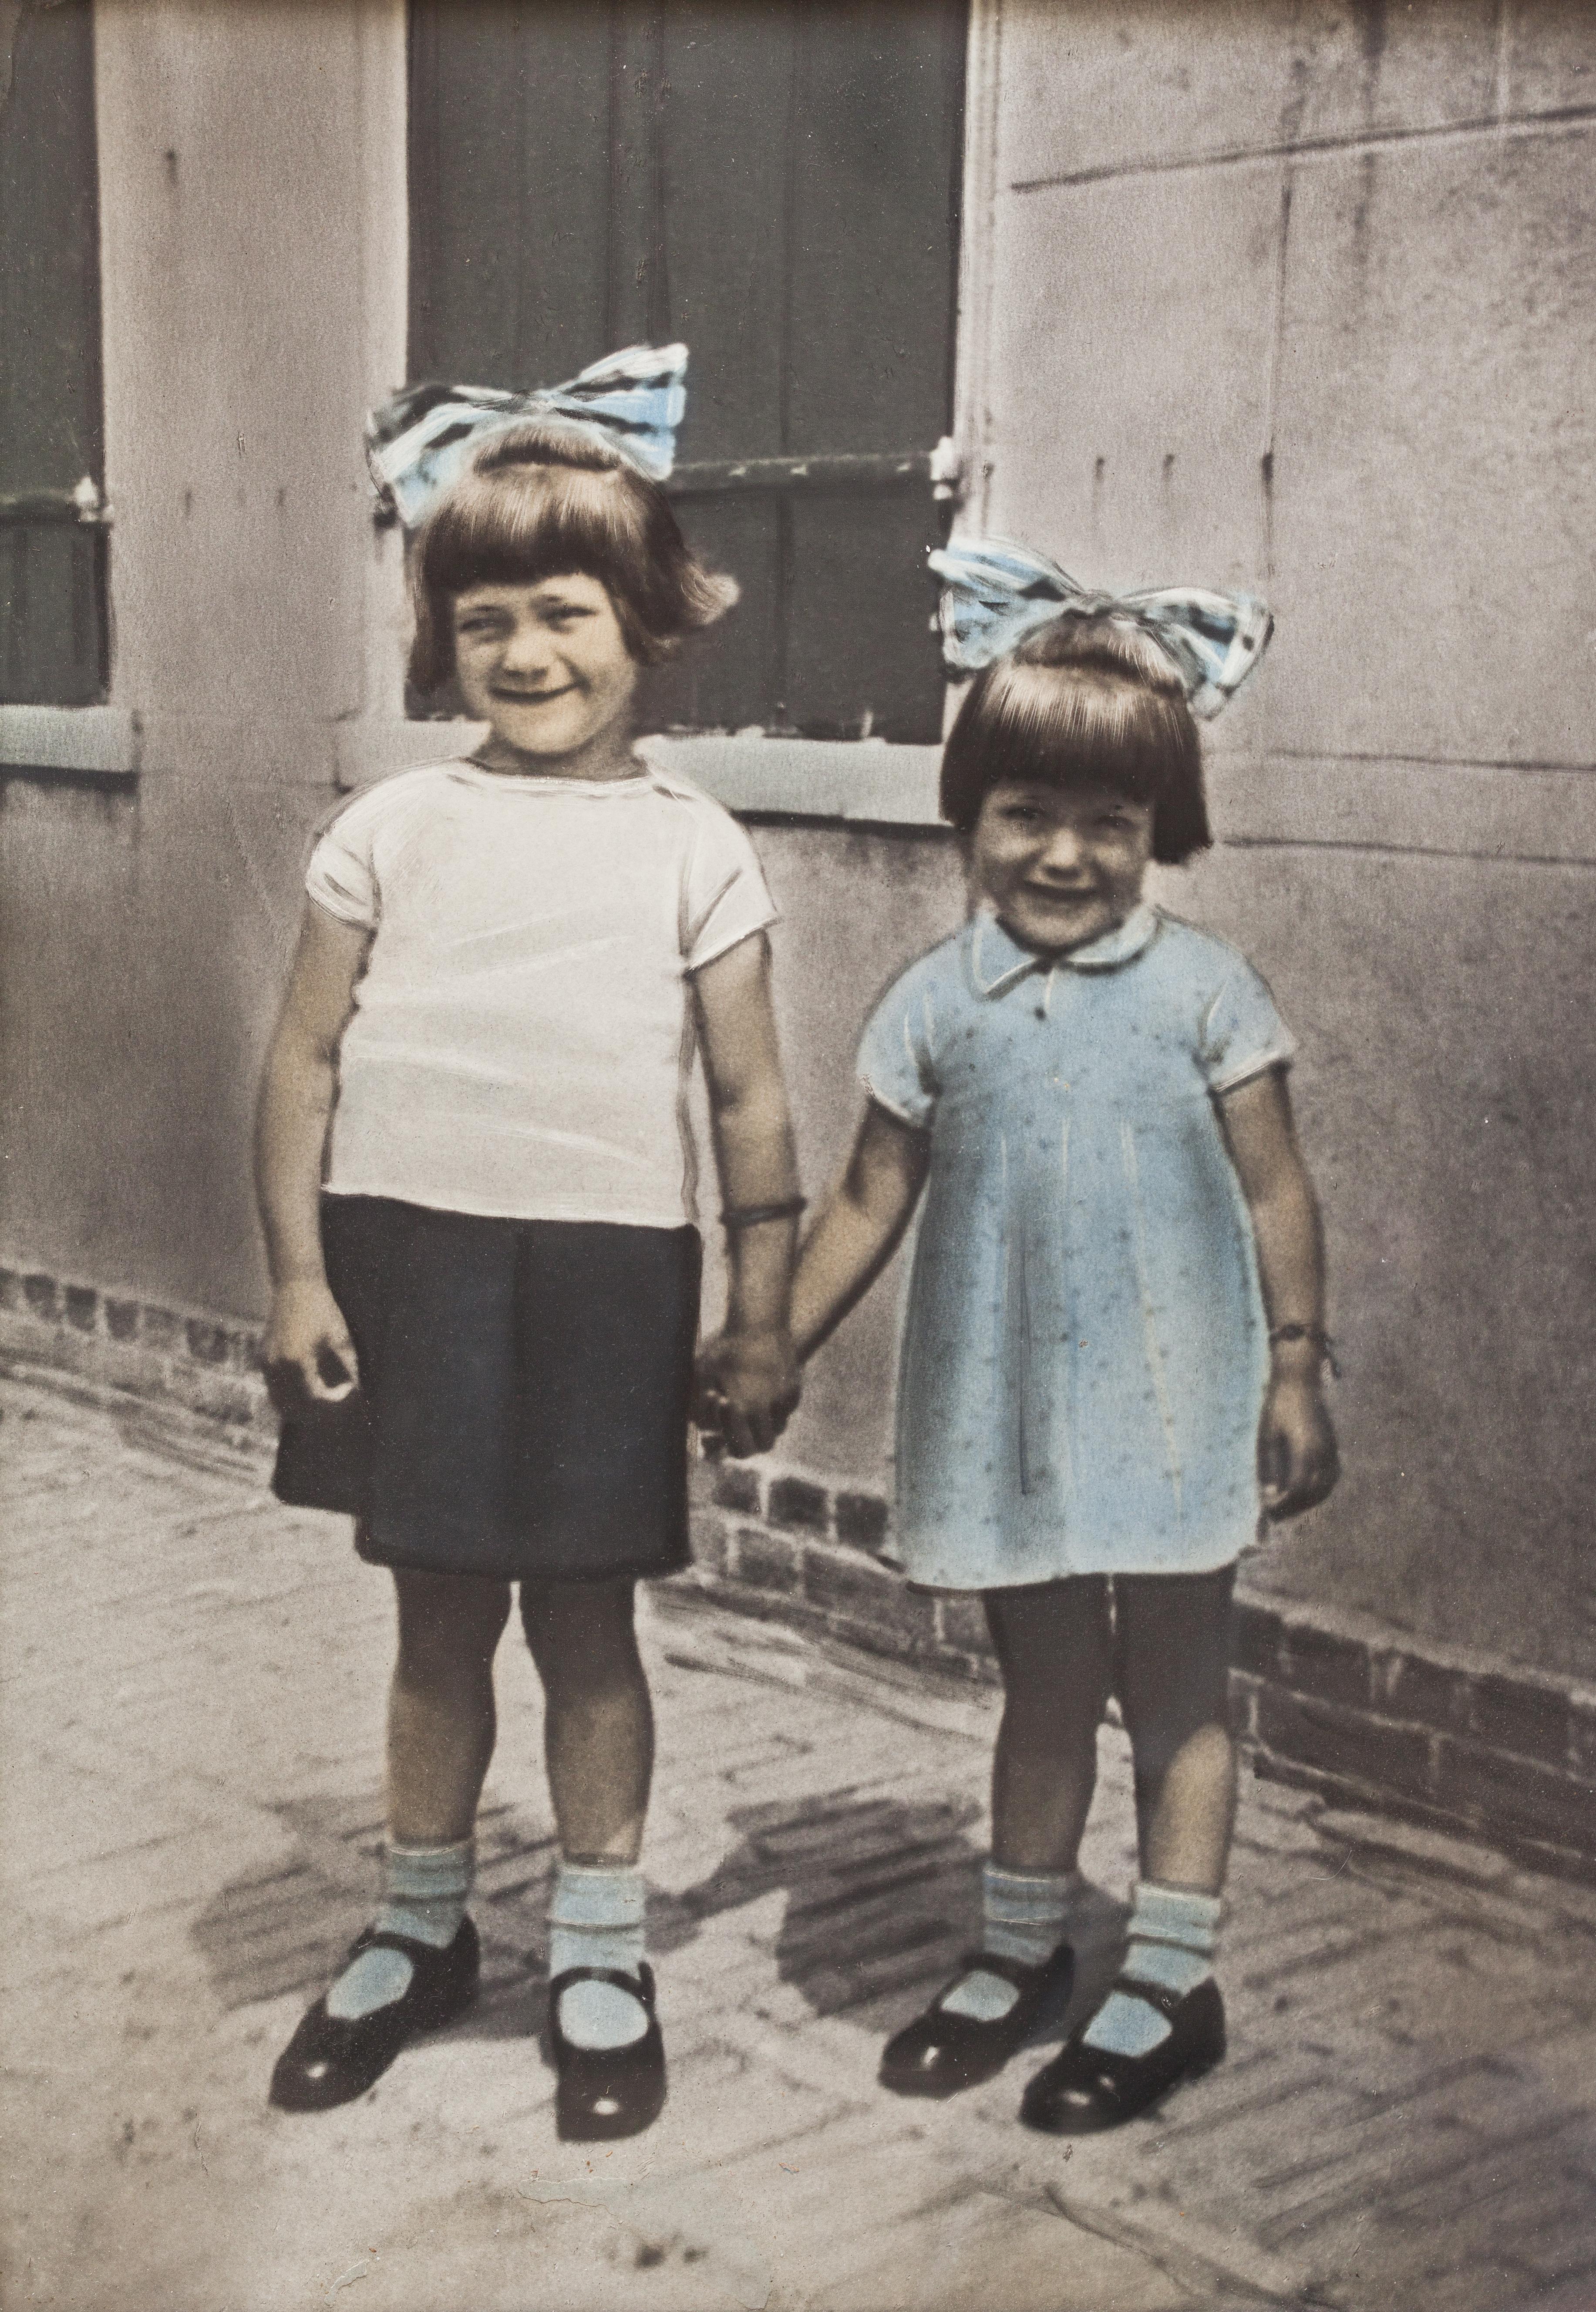 Jannie en Pietje de Jong, bewoners van Westerland in 1940. (Foto: aangeleverd)